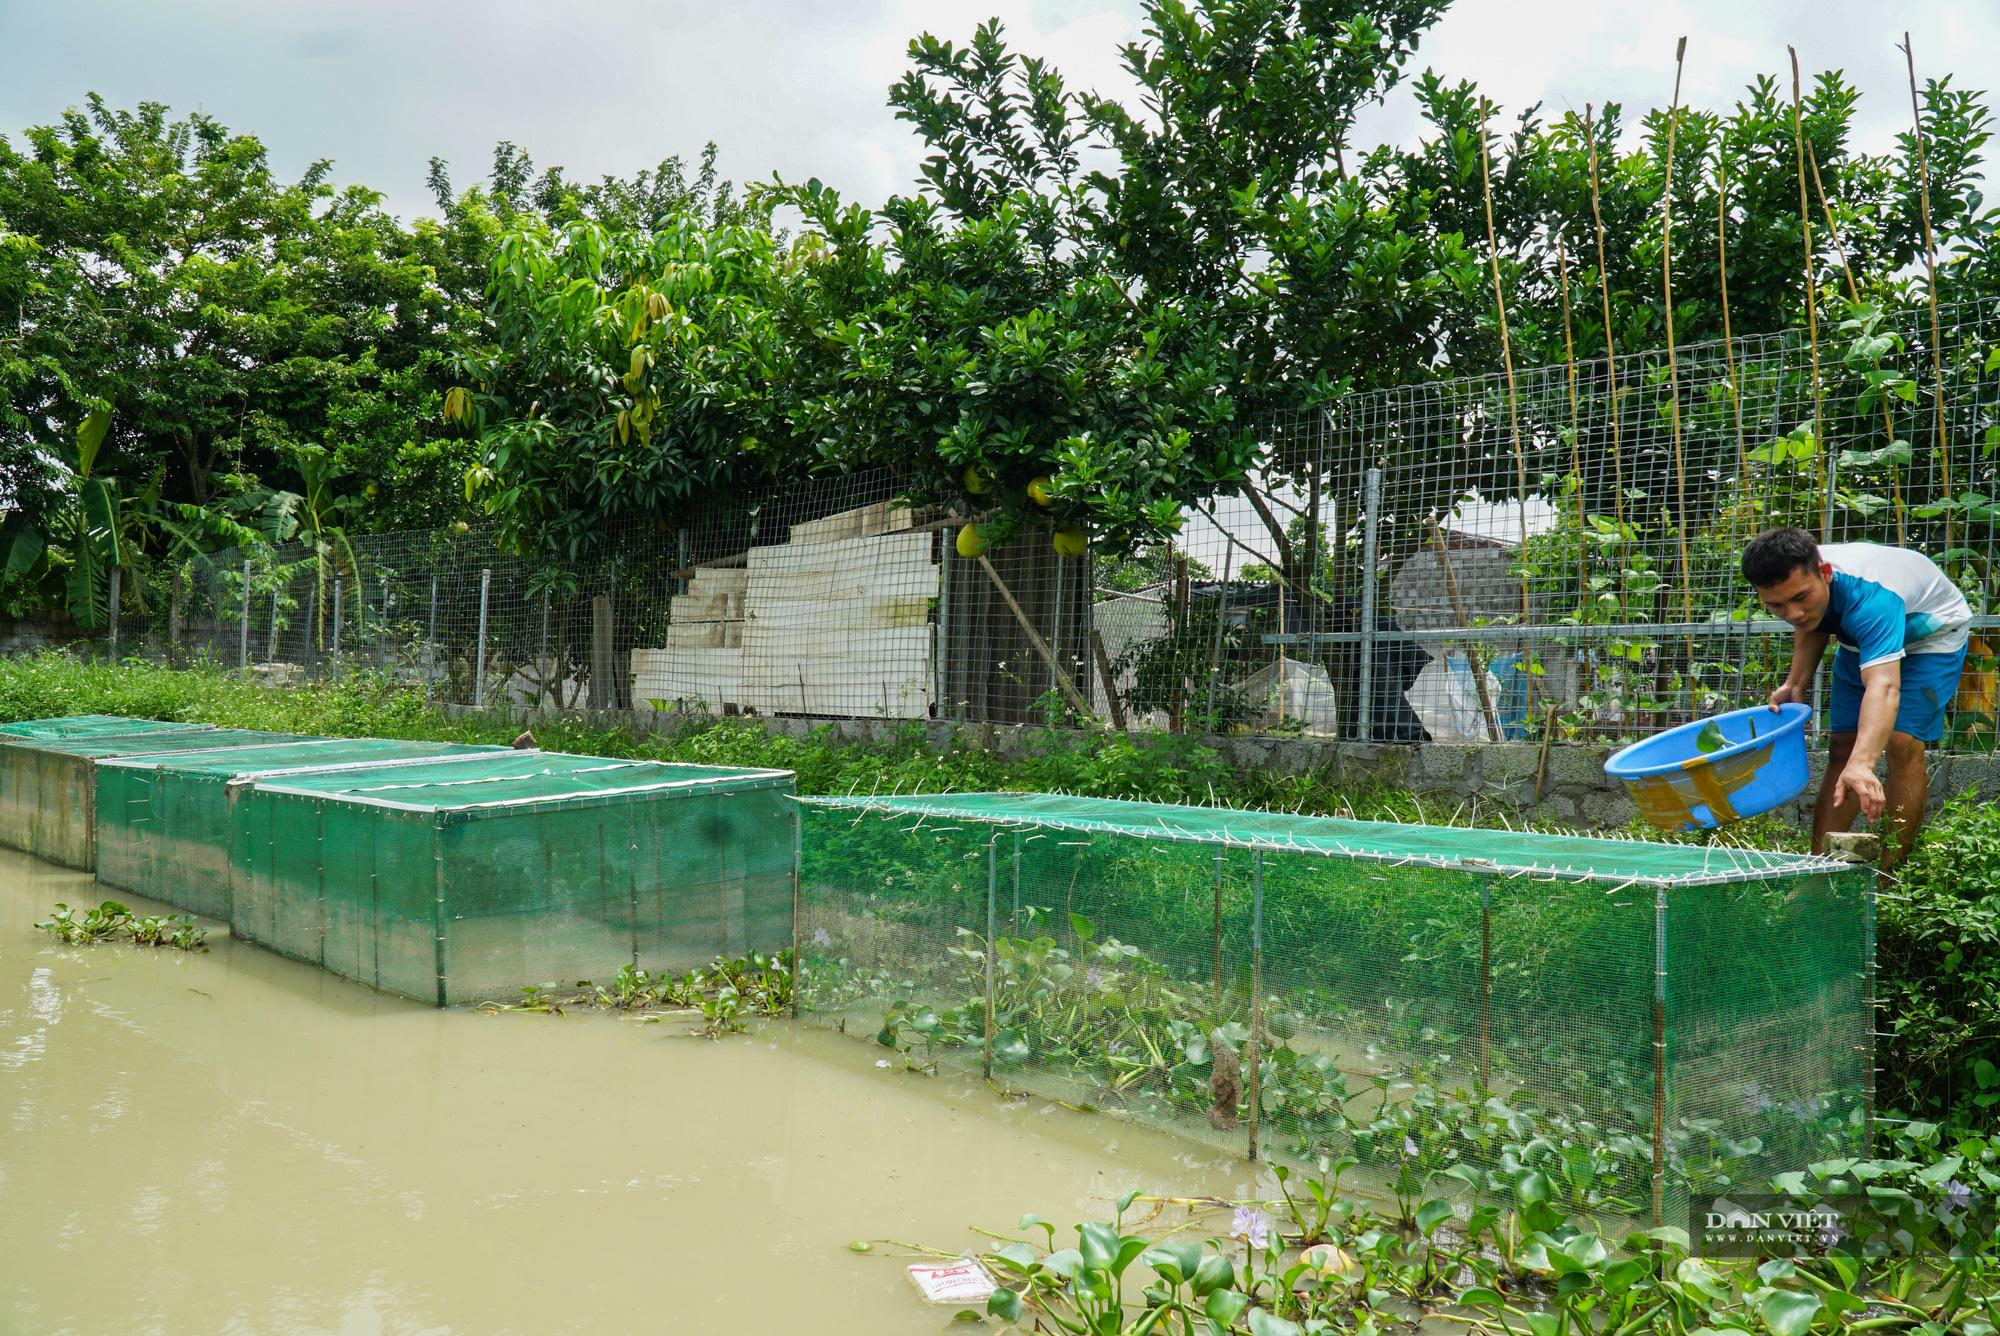 Trai xứ Thanh thu lãi hàng tỷ mỗi năm nhờ nuôi 5 loài ít khi bị mắc bệnh - Ảnh 19.